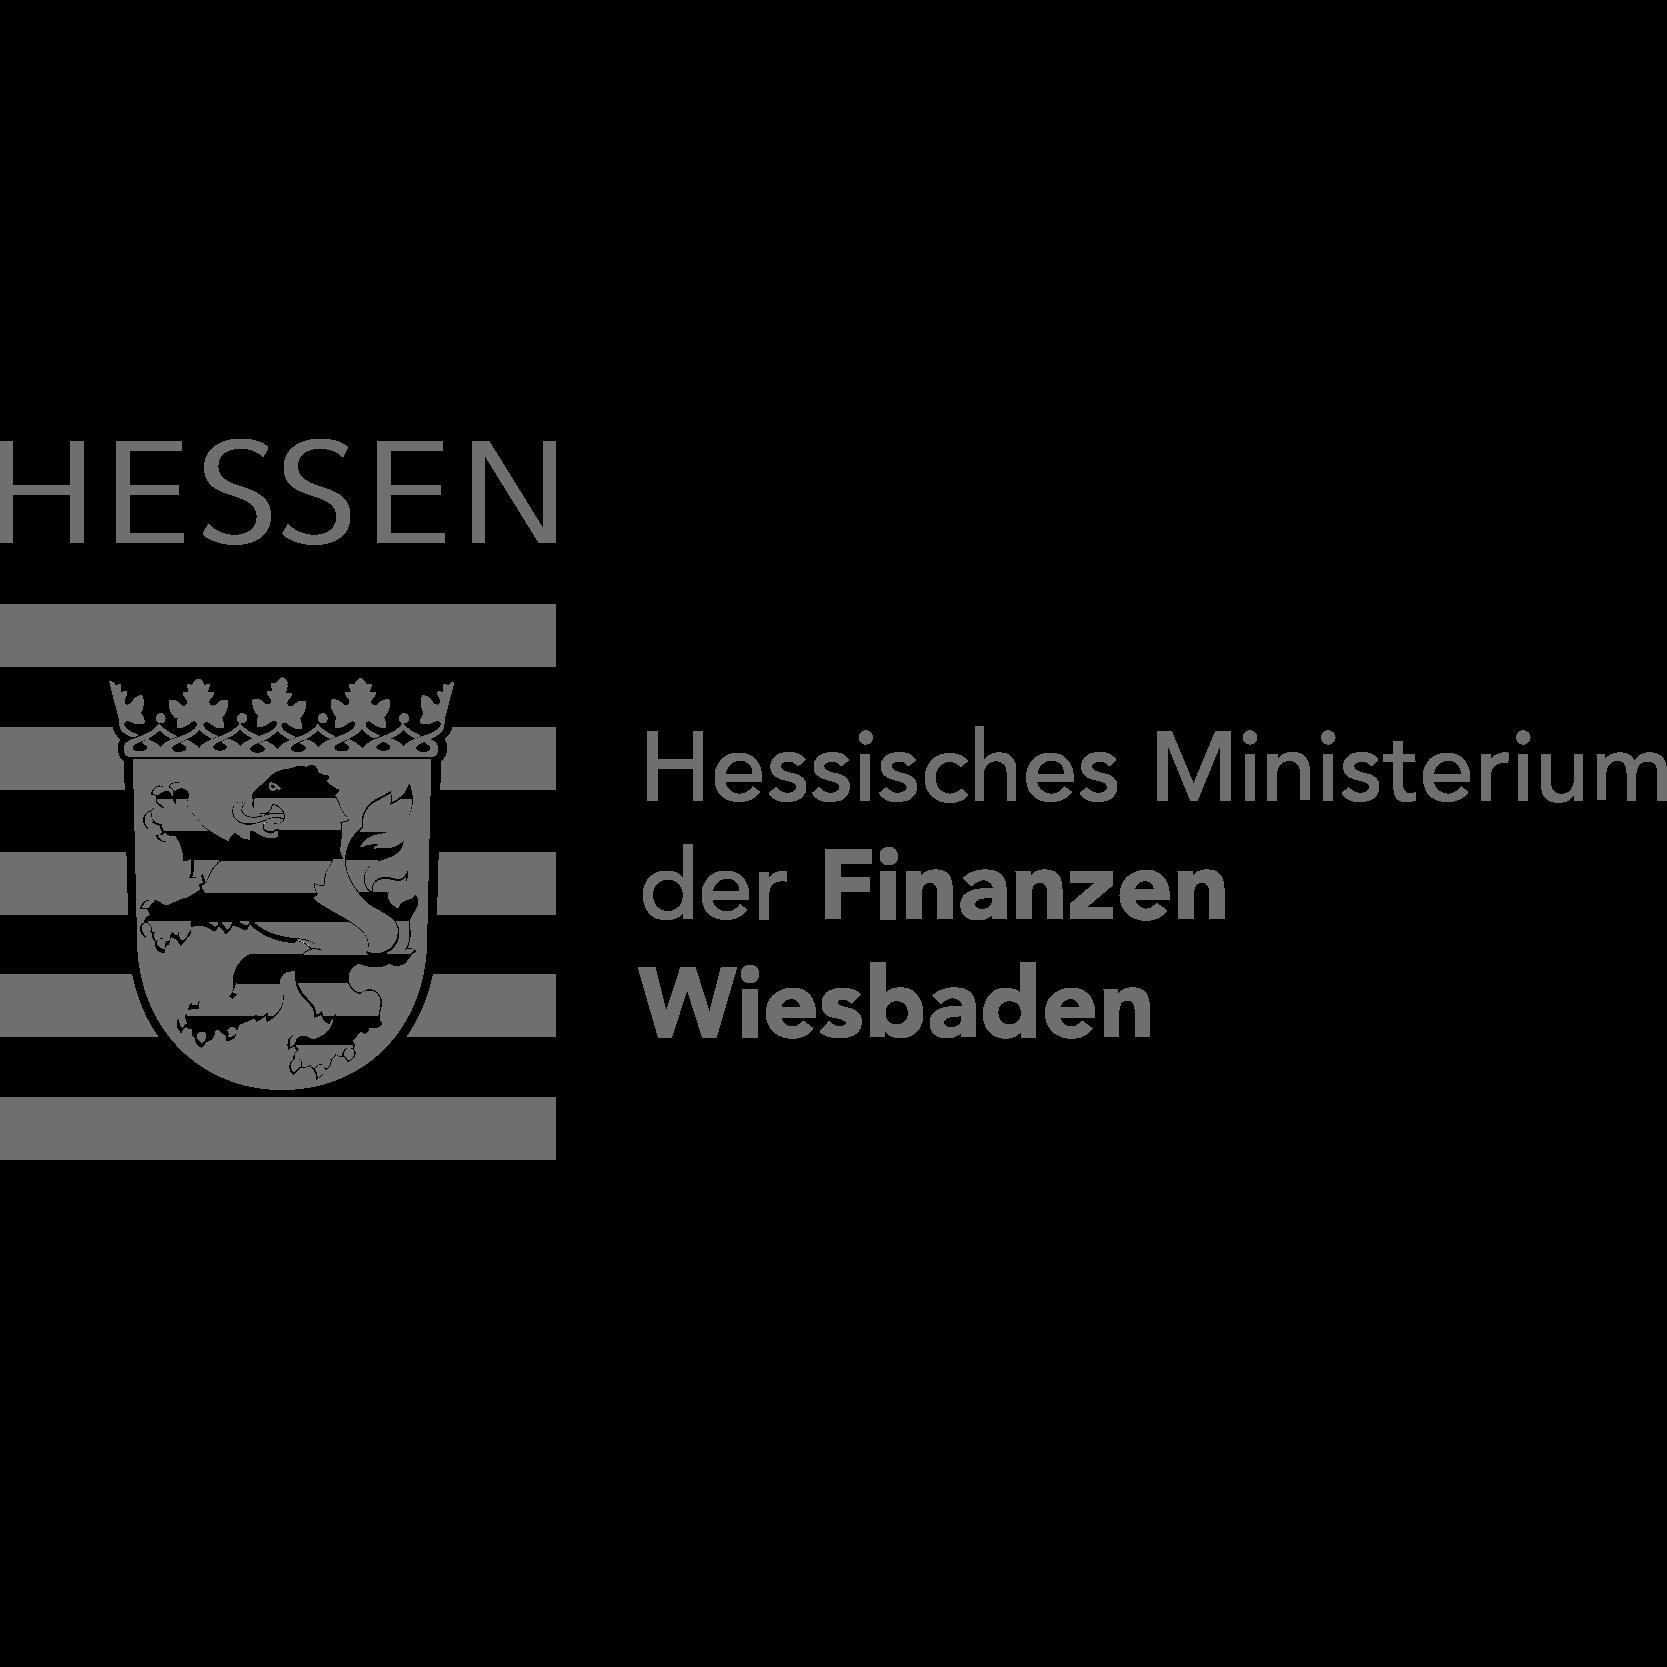 Hessisches Ministerium der Finanzen